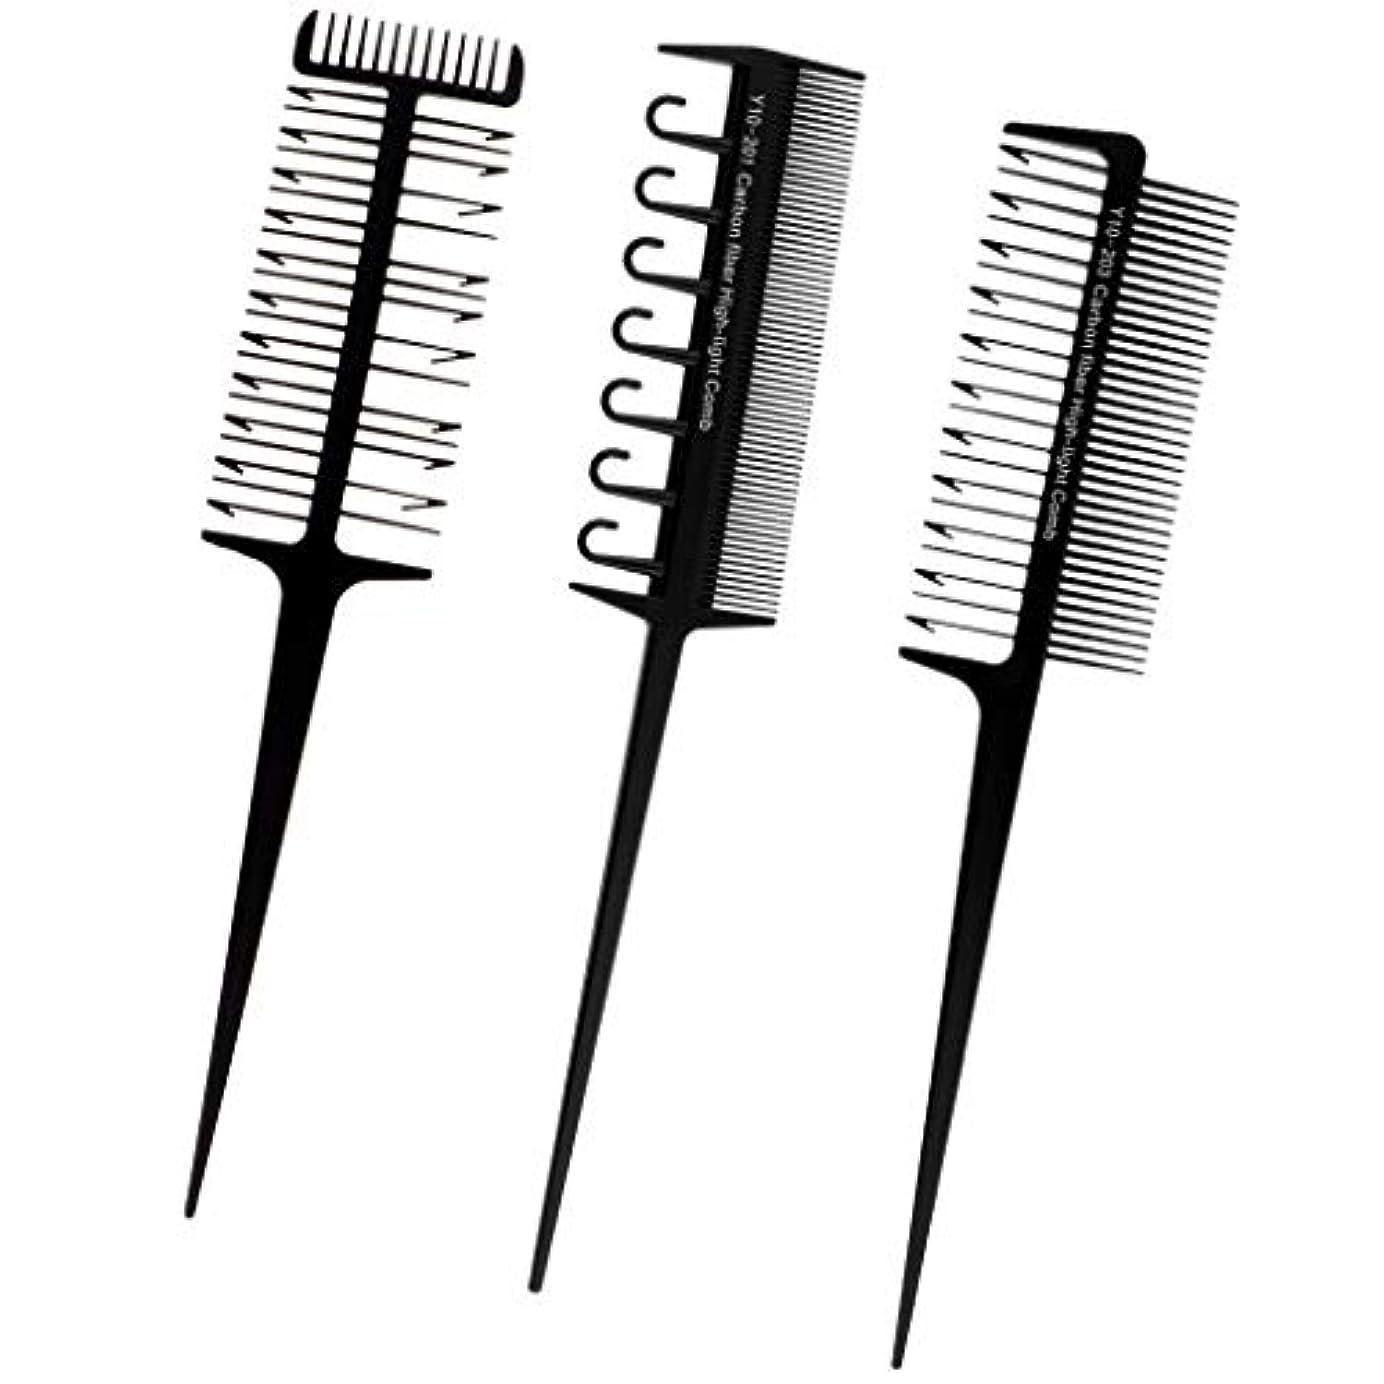 失敗スカリー文字通りへアカラーセット 3本セット ヘアダイブラシ DIY髪染め用 サロン 美髪師用 ヘアカラーの用具